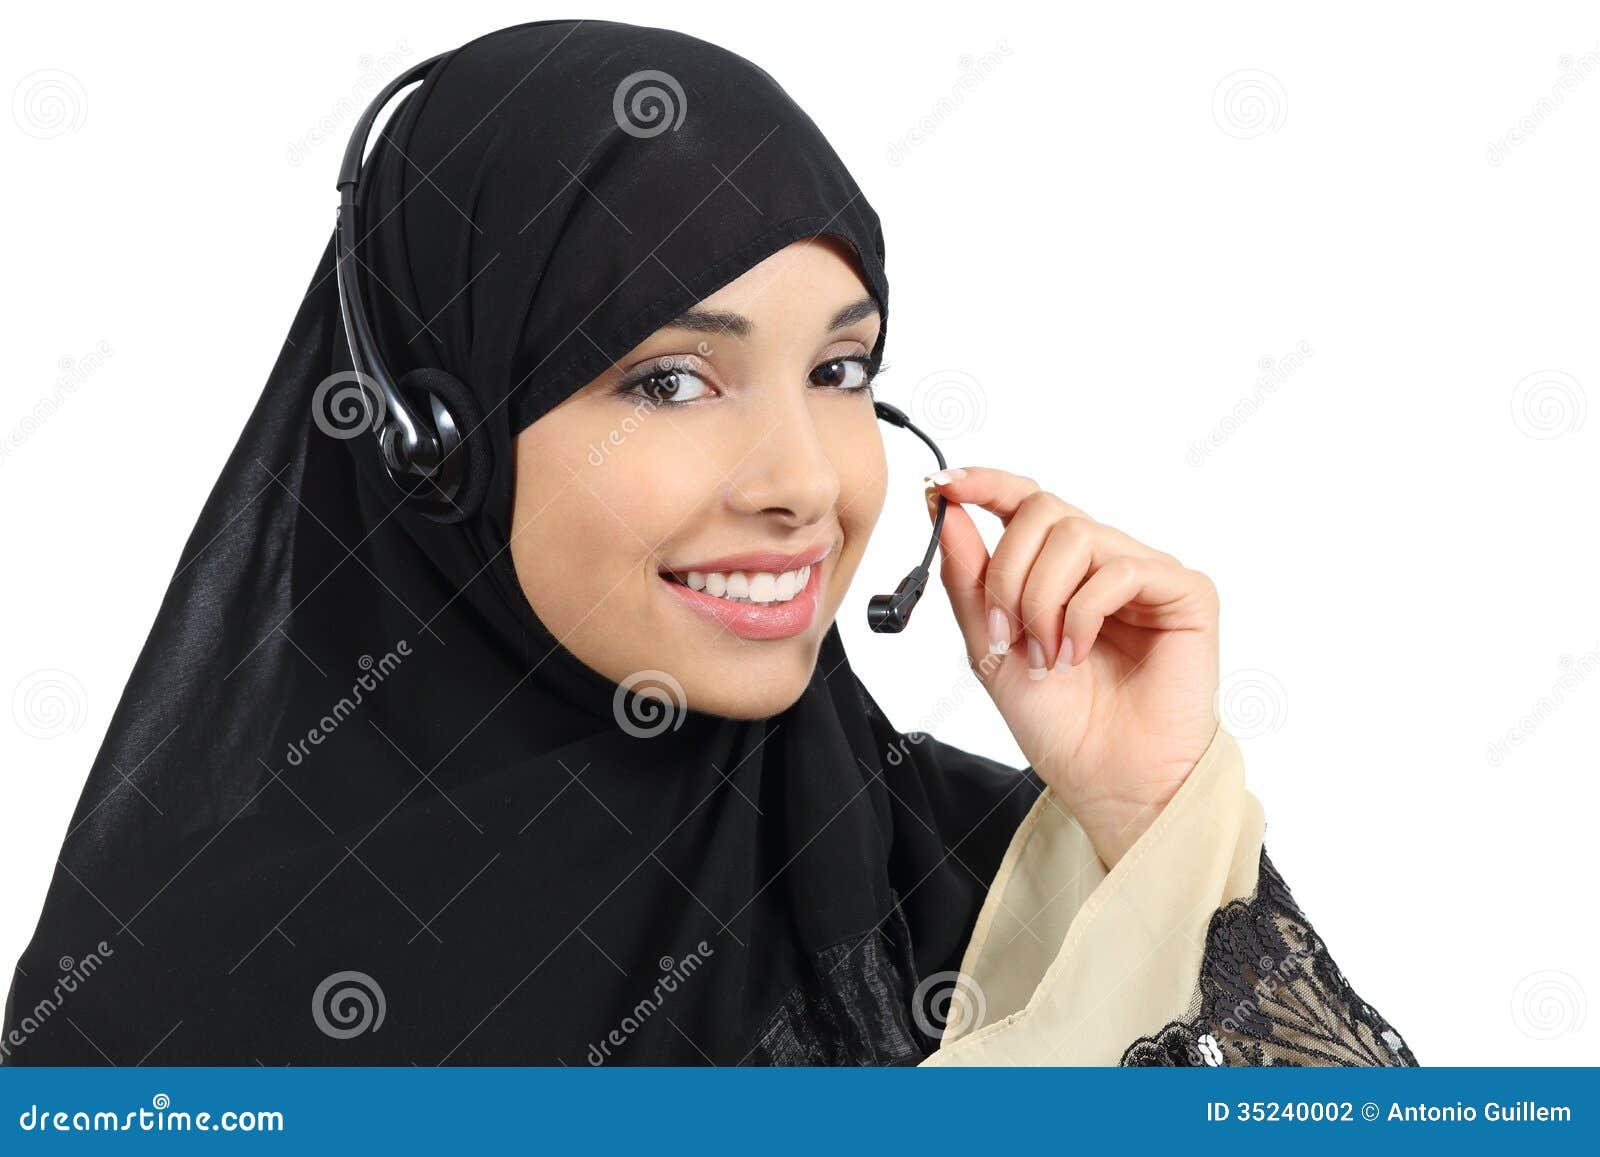 Бесплатный сайт знакомств мусульманский